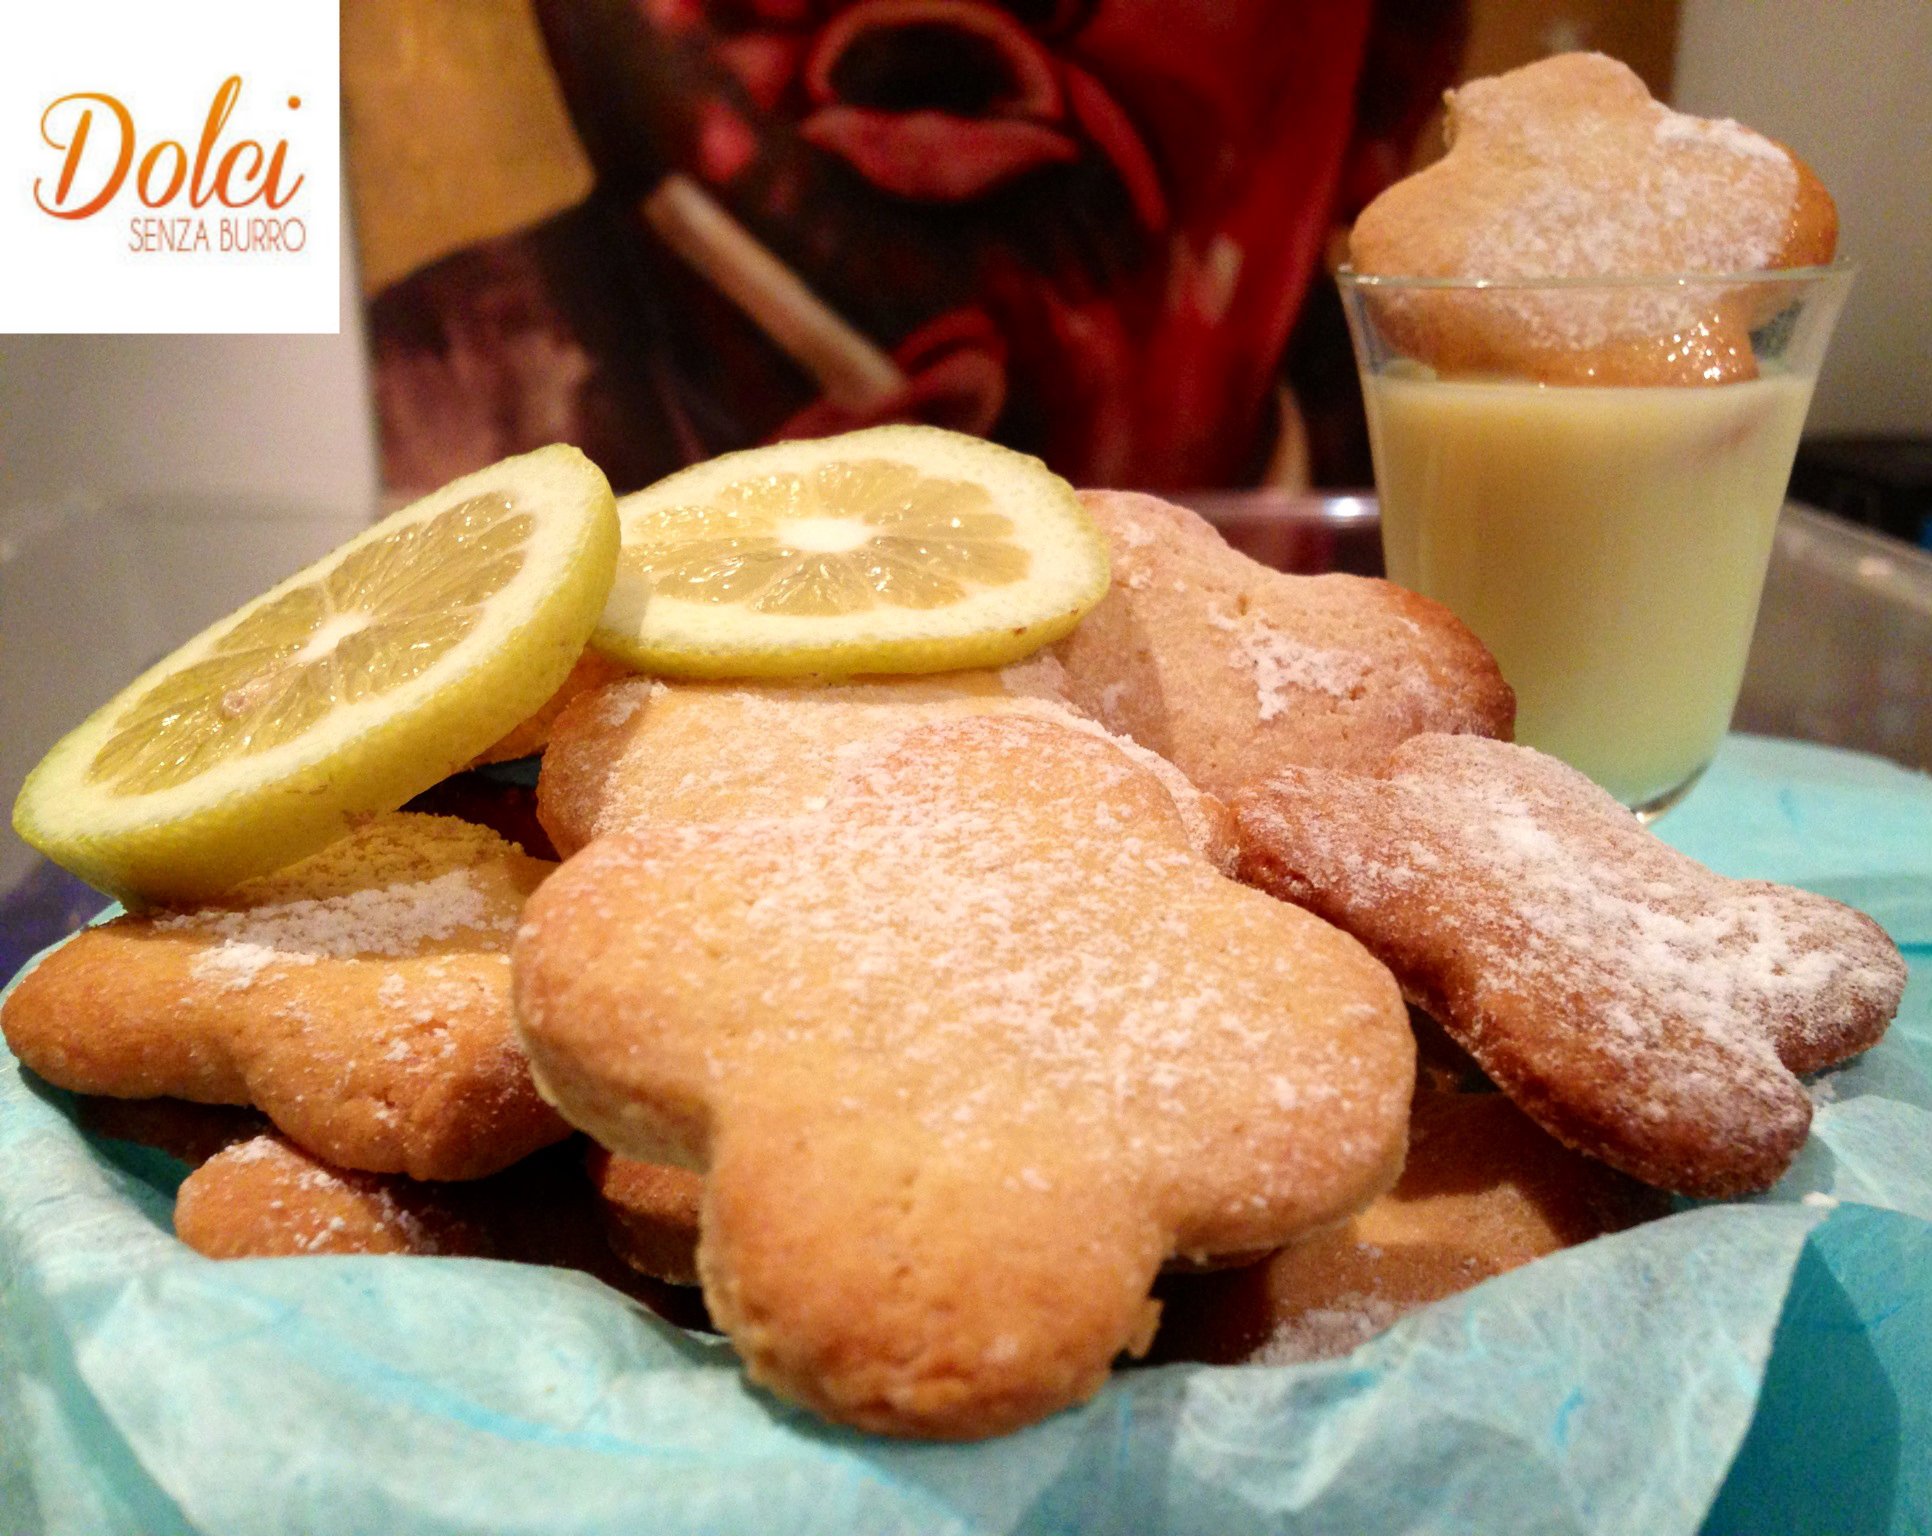 biscotti al limoncello, dei goloso biscotti di dolci senza burro